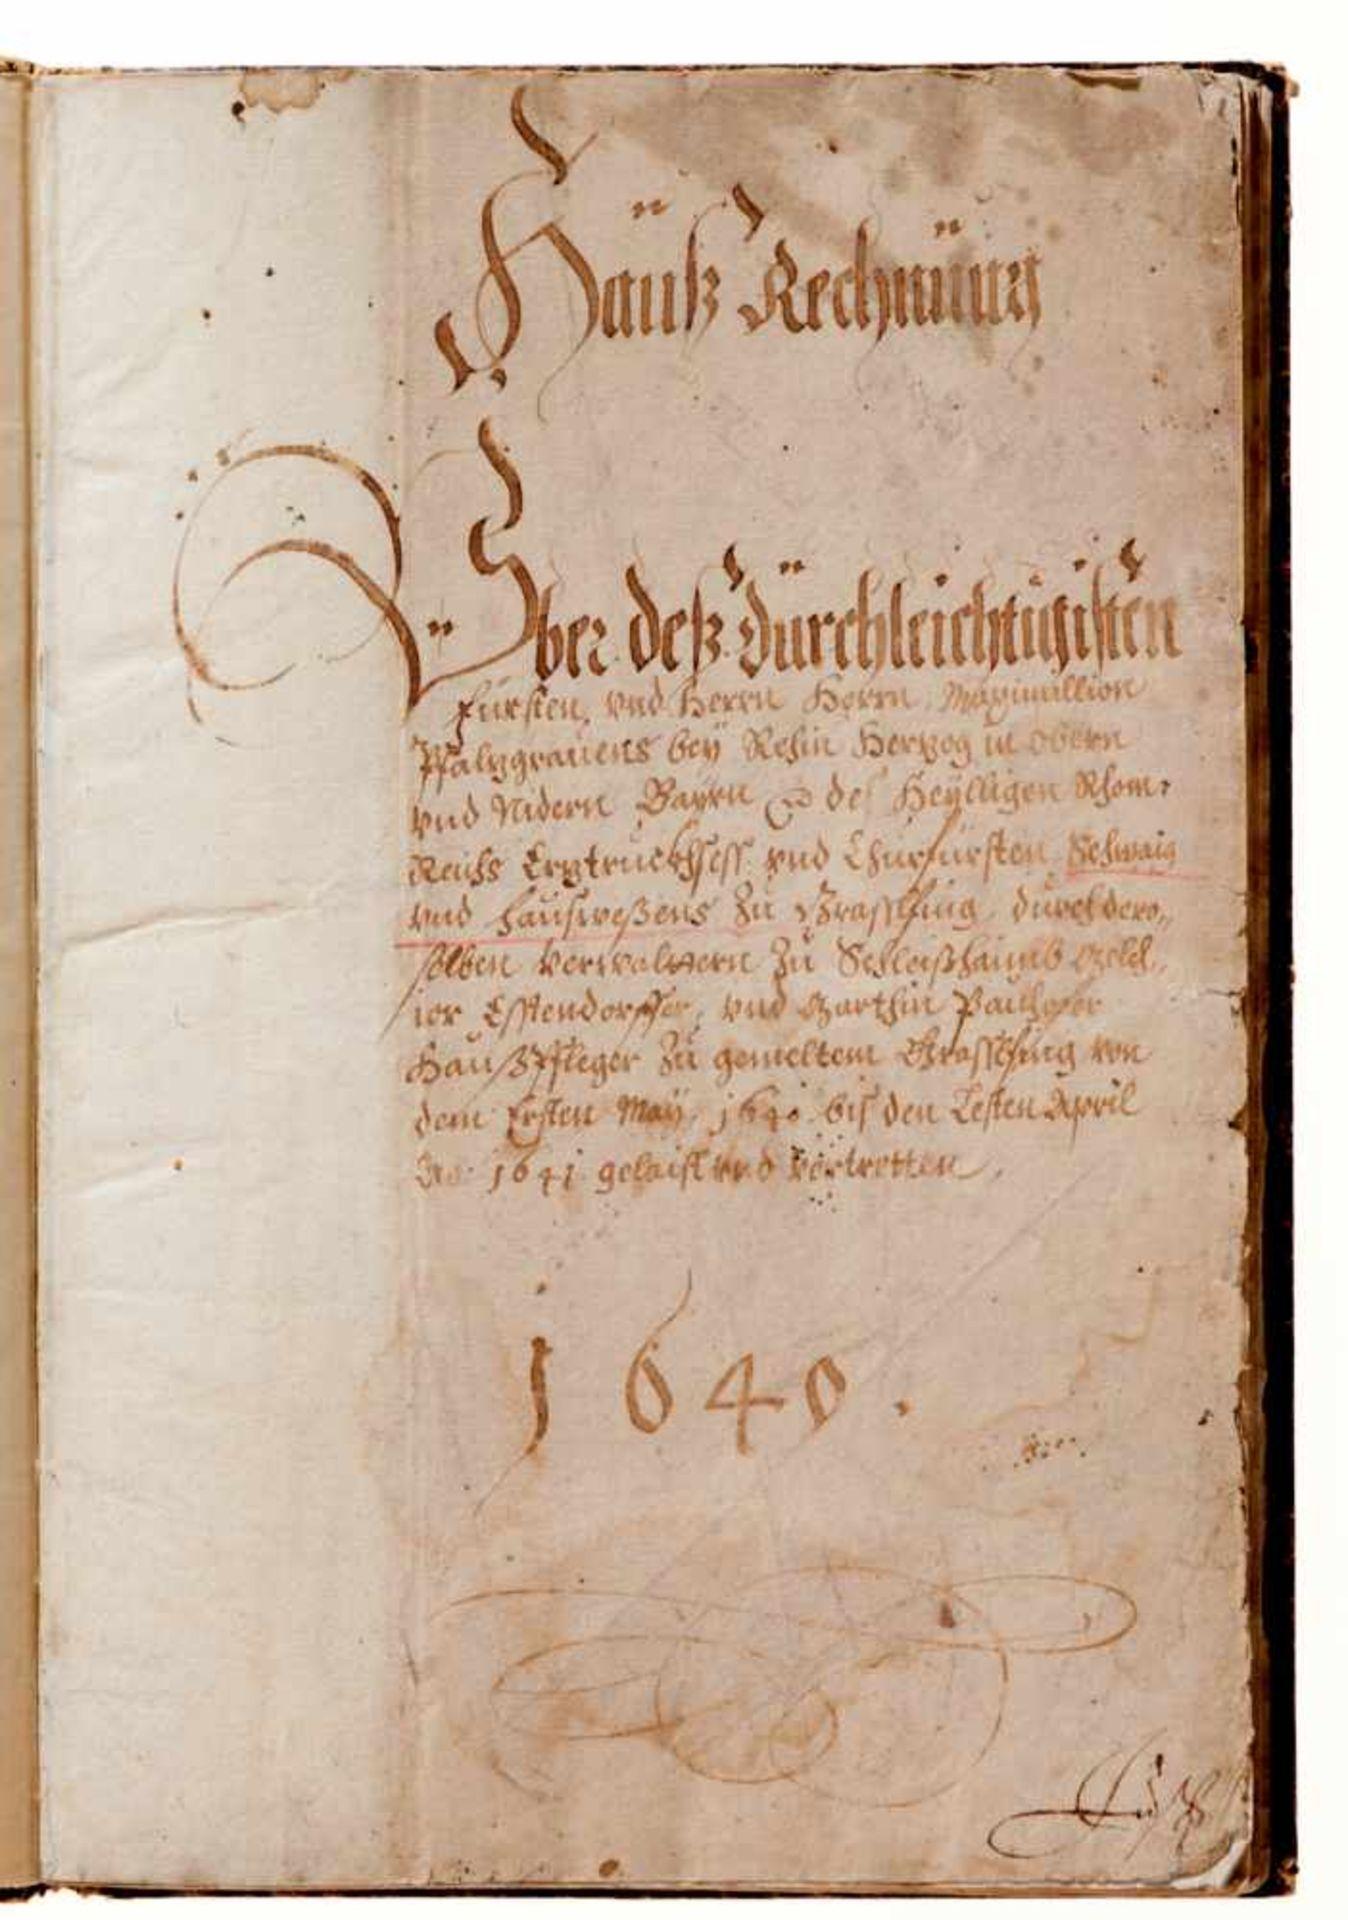 """Grasslfing- """"Hauß Rechnung"""". Deutsche Handschrift auf Papier.Dat. Graßlfing, 1. 5. 1640 - 30. 4. - Bild 2 aus 5"""